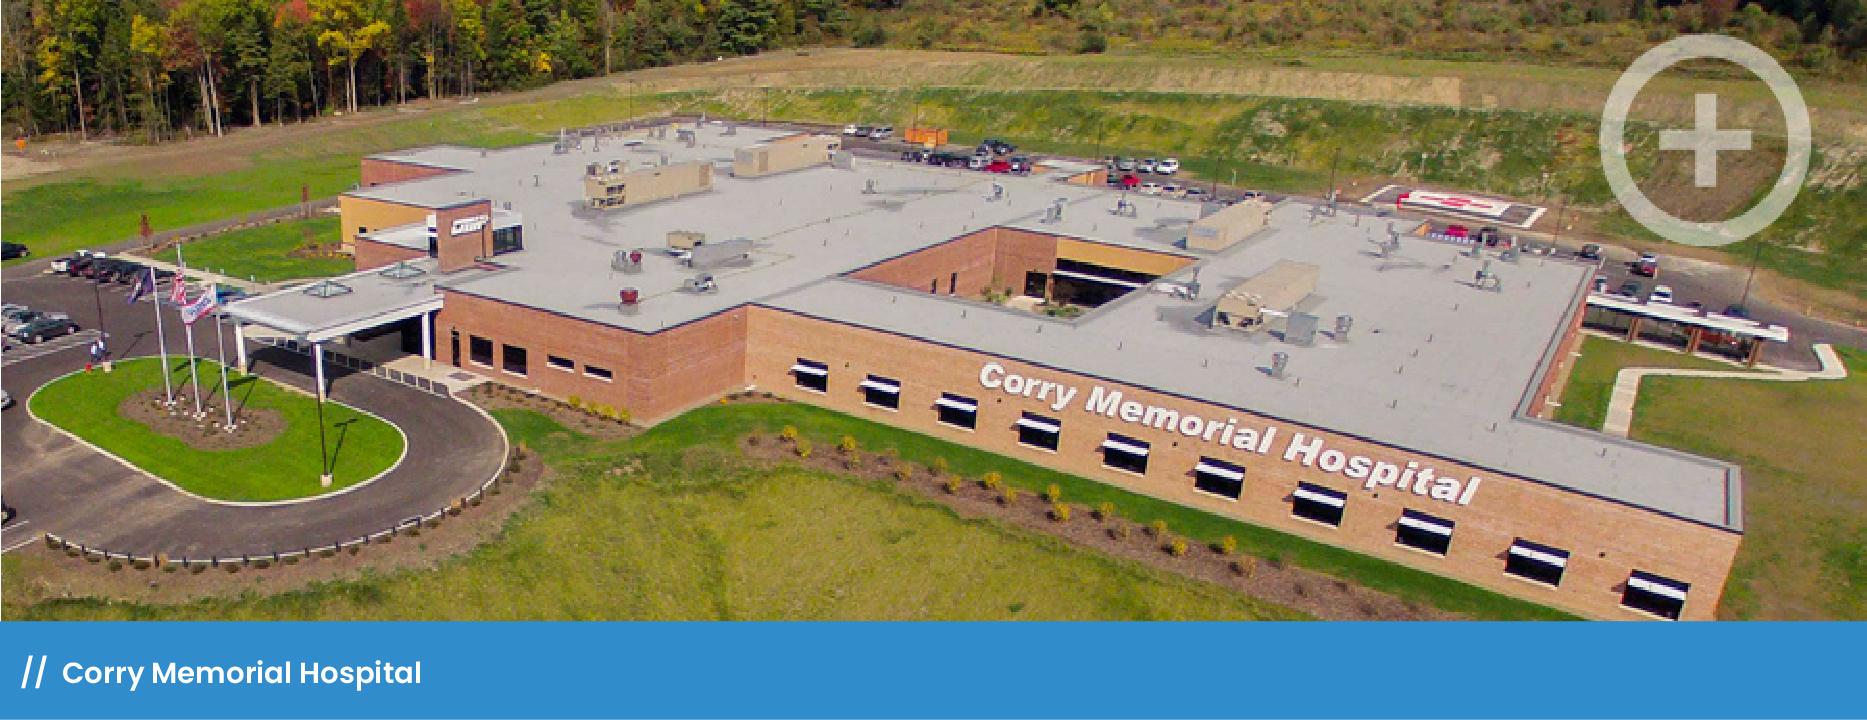 Yanik-Watermark_Corry Memorial Hospital-